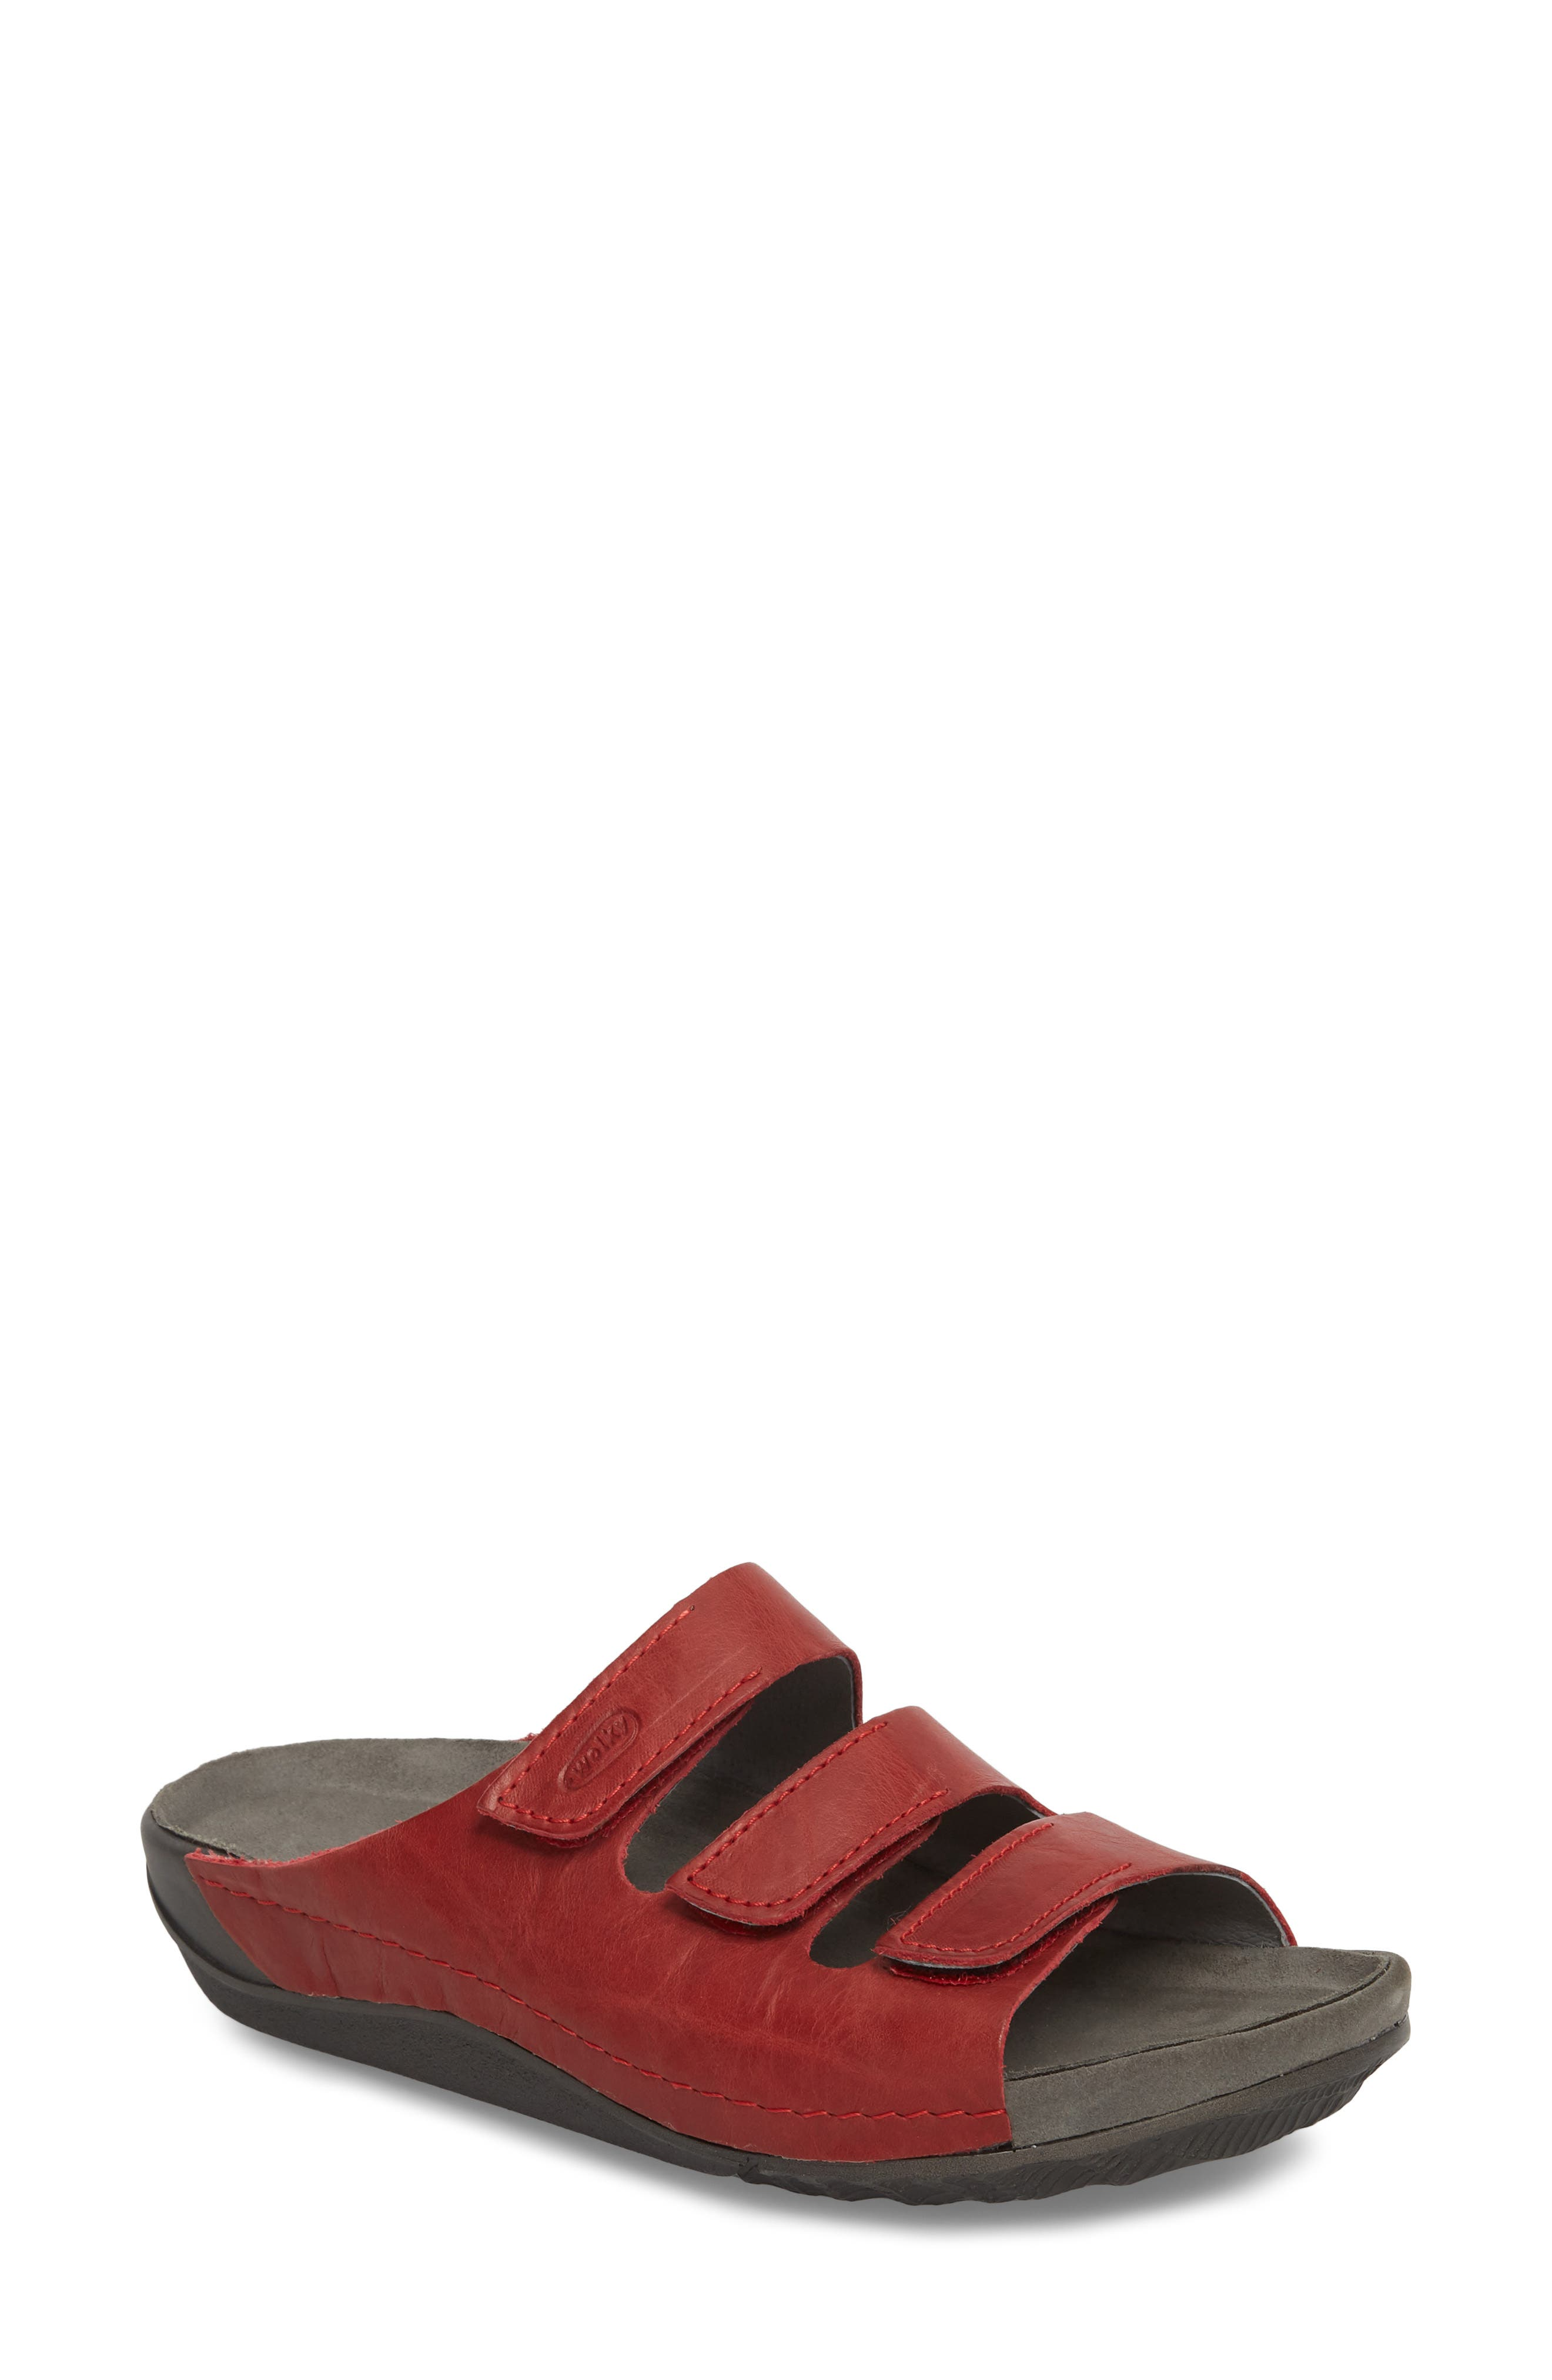 Wolky Nomad Slide Sandal (Women)